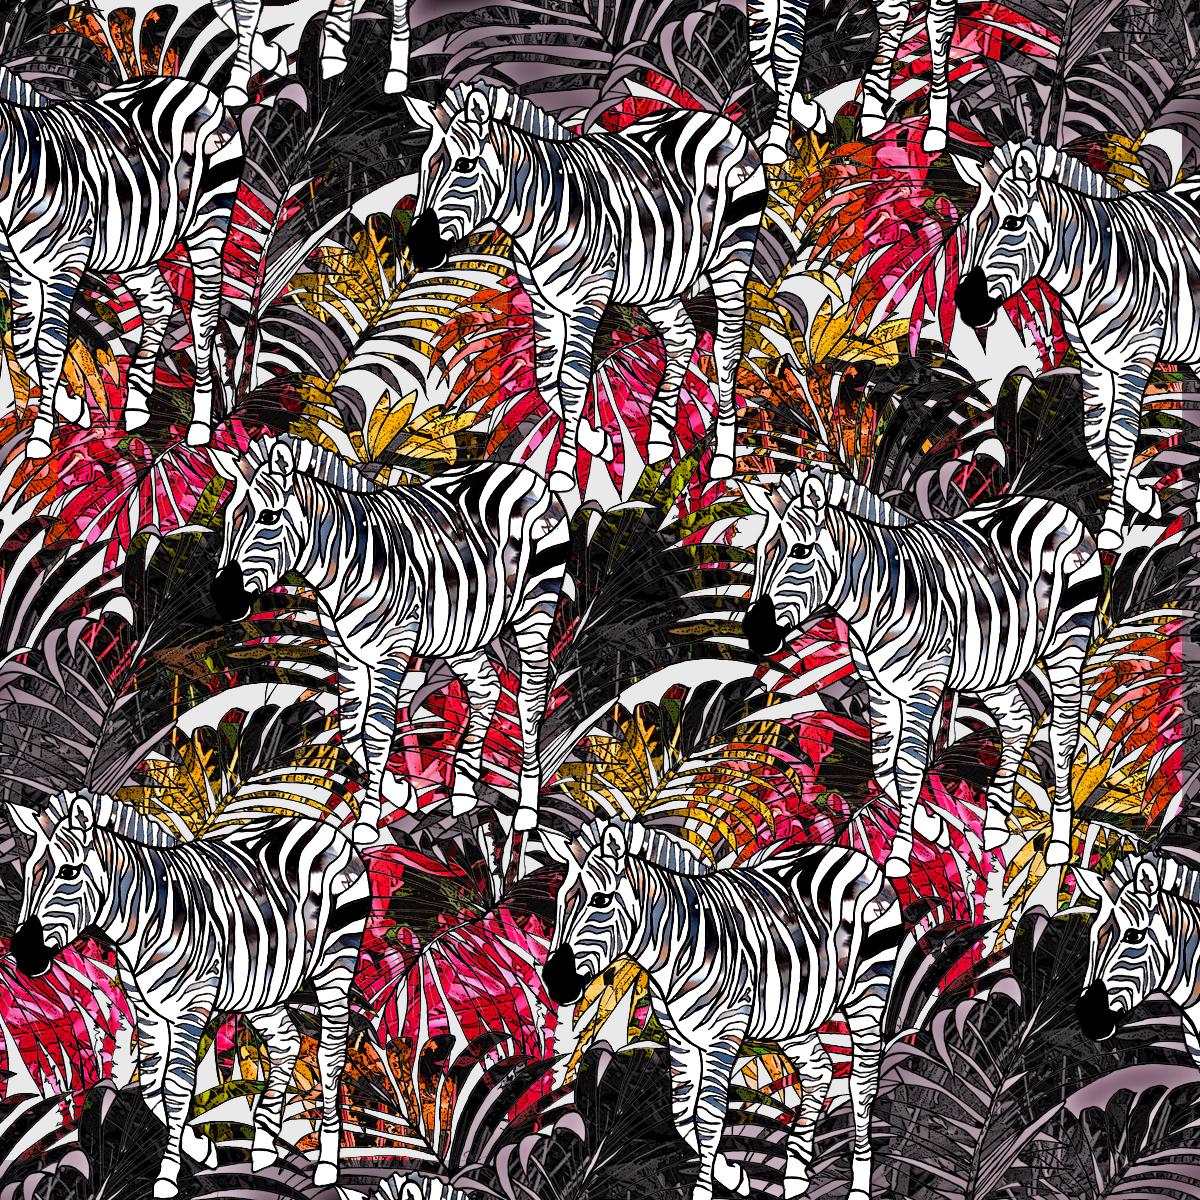 zebra tropic 2.jpg